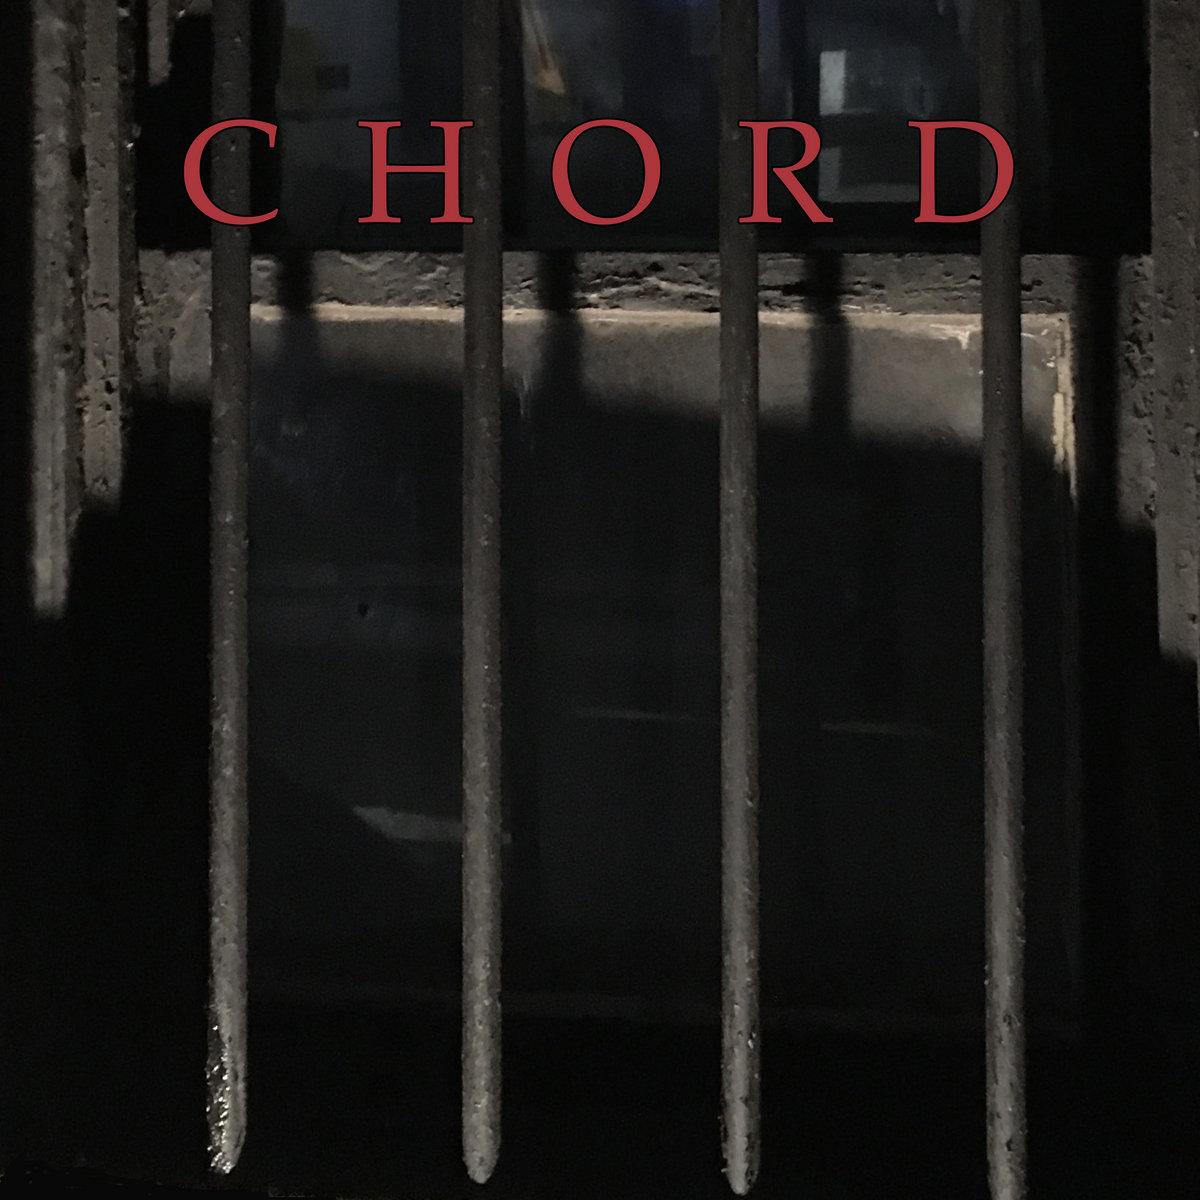 Chord — Chord III